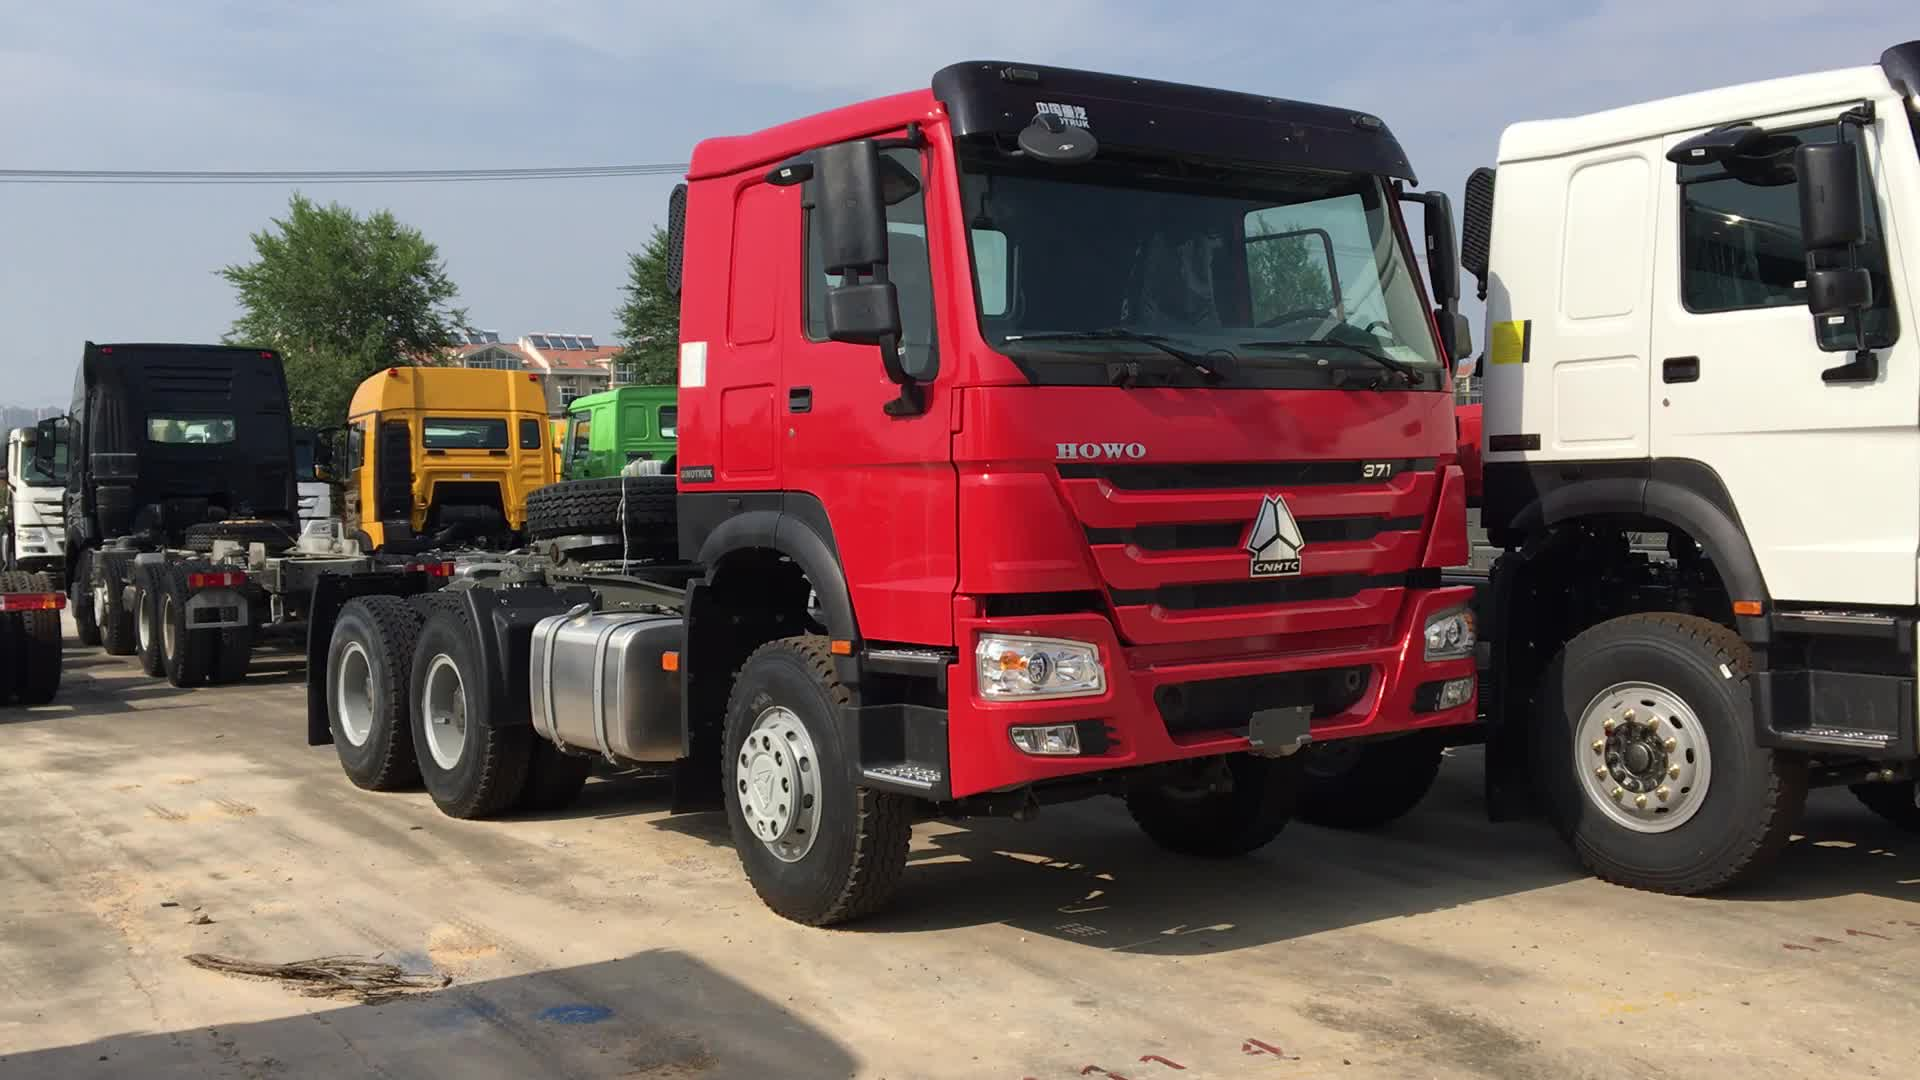 80 ตัน 336hp SINOTRUCK SINOTRUK 420hp ที่ใช้ HOWO รถบรรทุกรถบรรทุกหัวซูดาน HOWO รถบรรทุกราคา